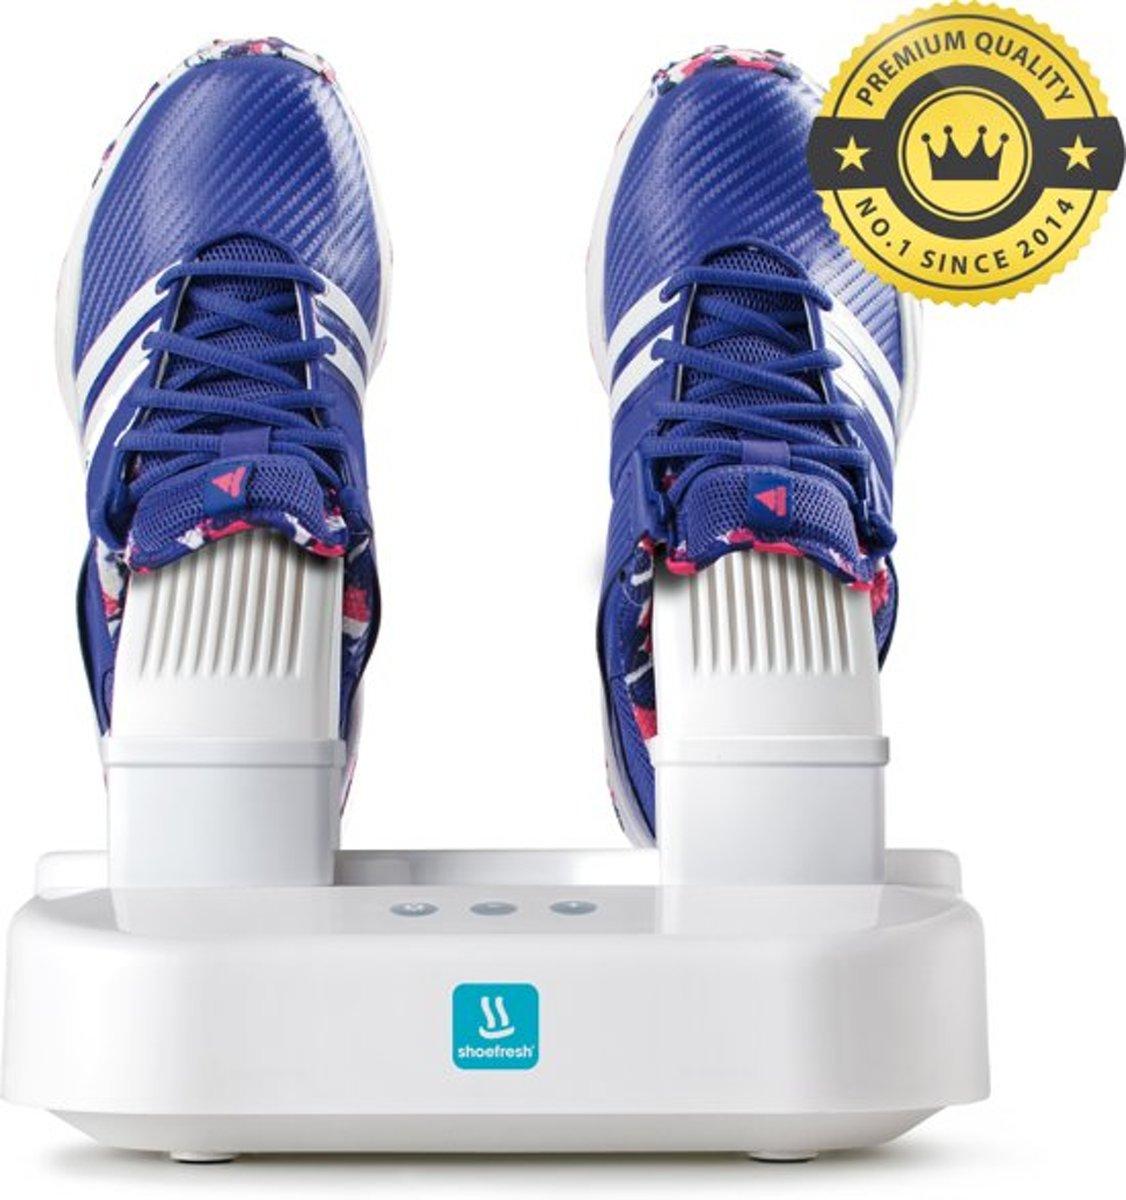 Stinkende schoenen en zweetvoeten? Zo los je het op! Schoenen